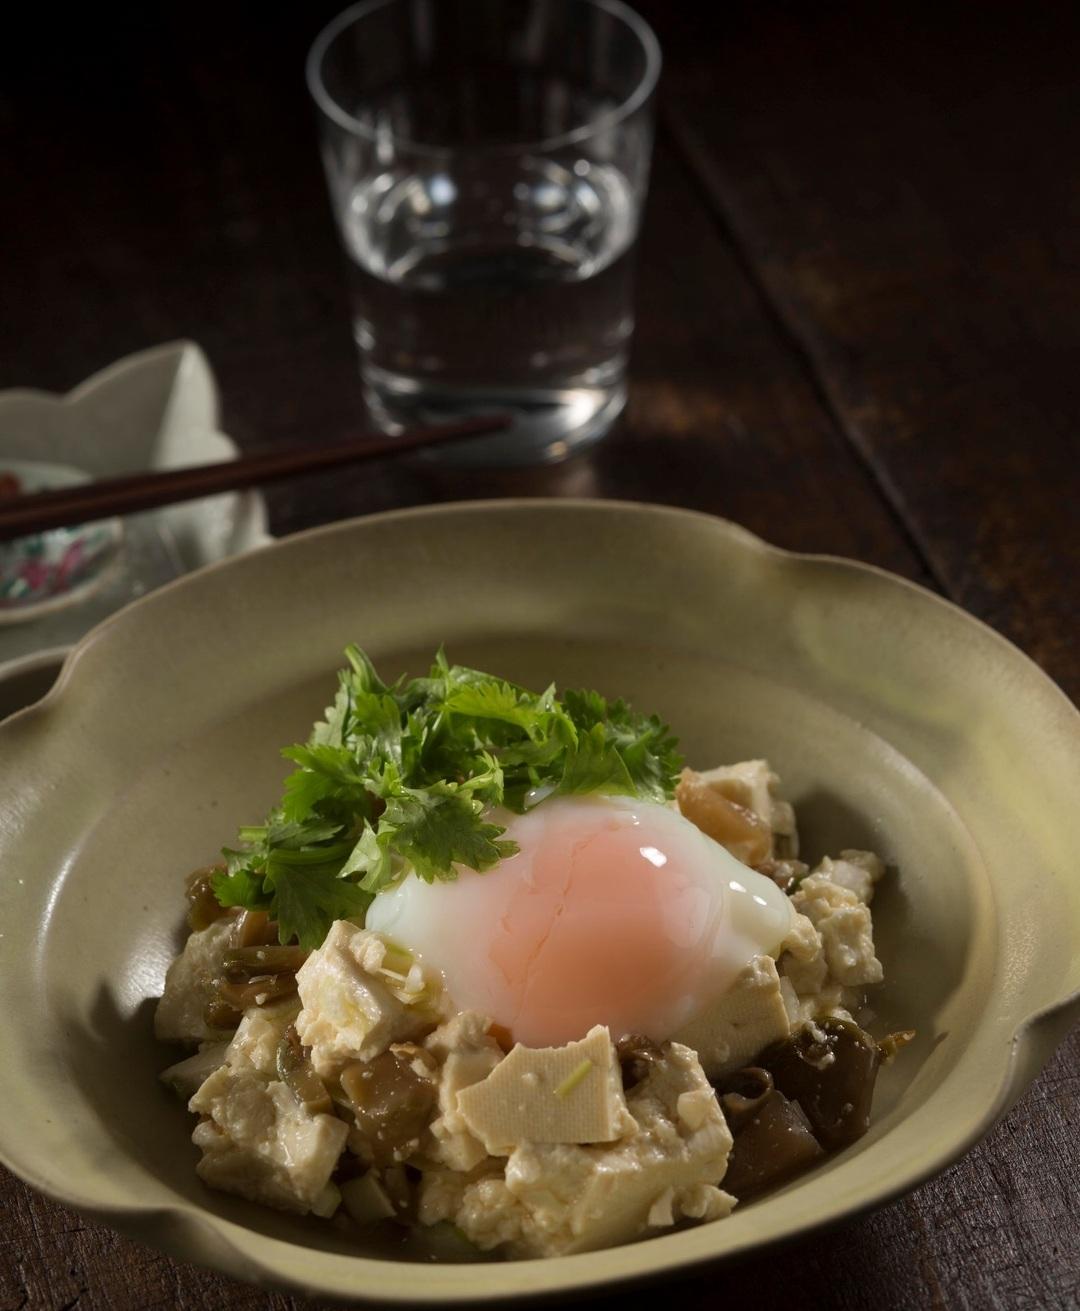 【今晩の3分絶品おつまみ】ザーサイのピータン豆腐風